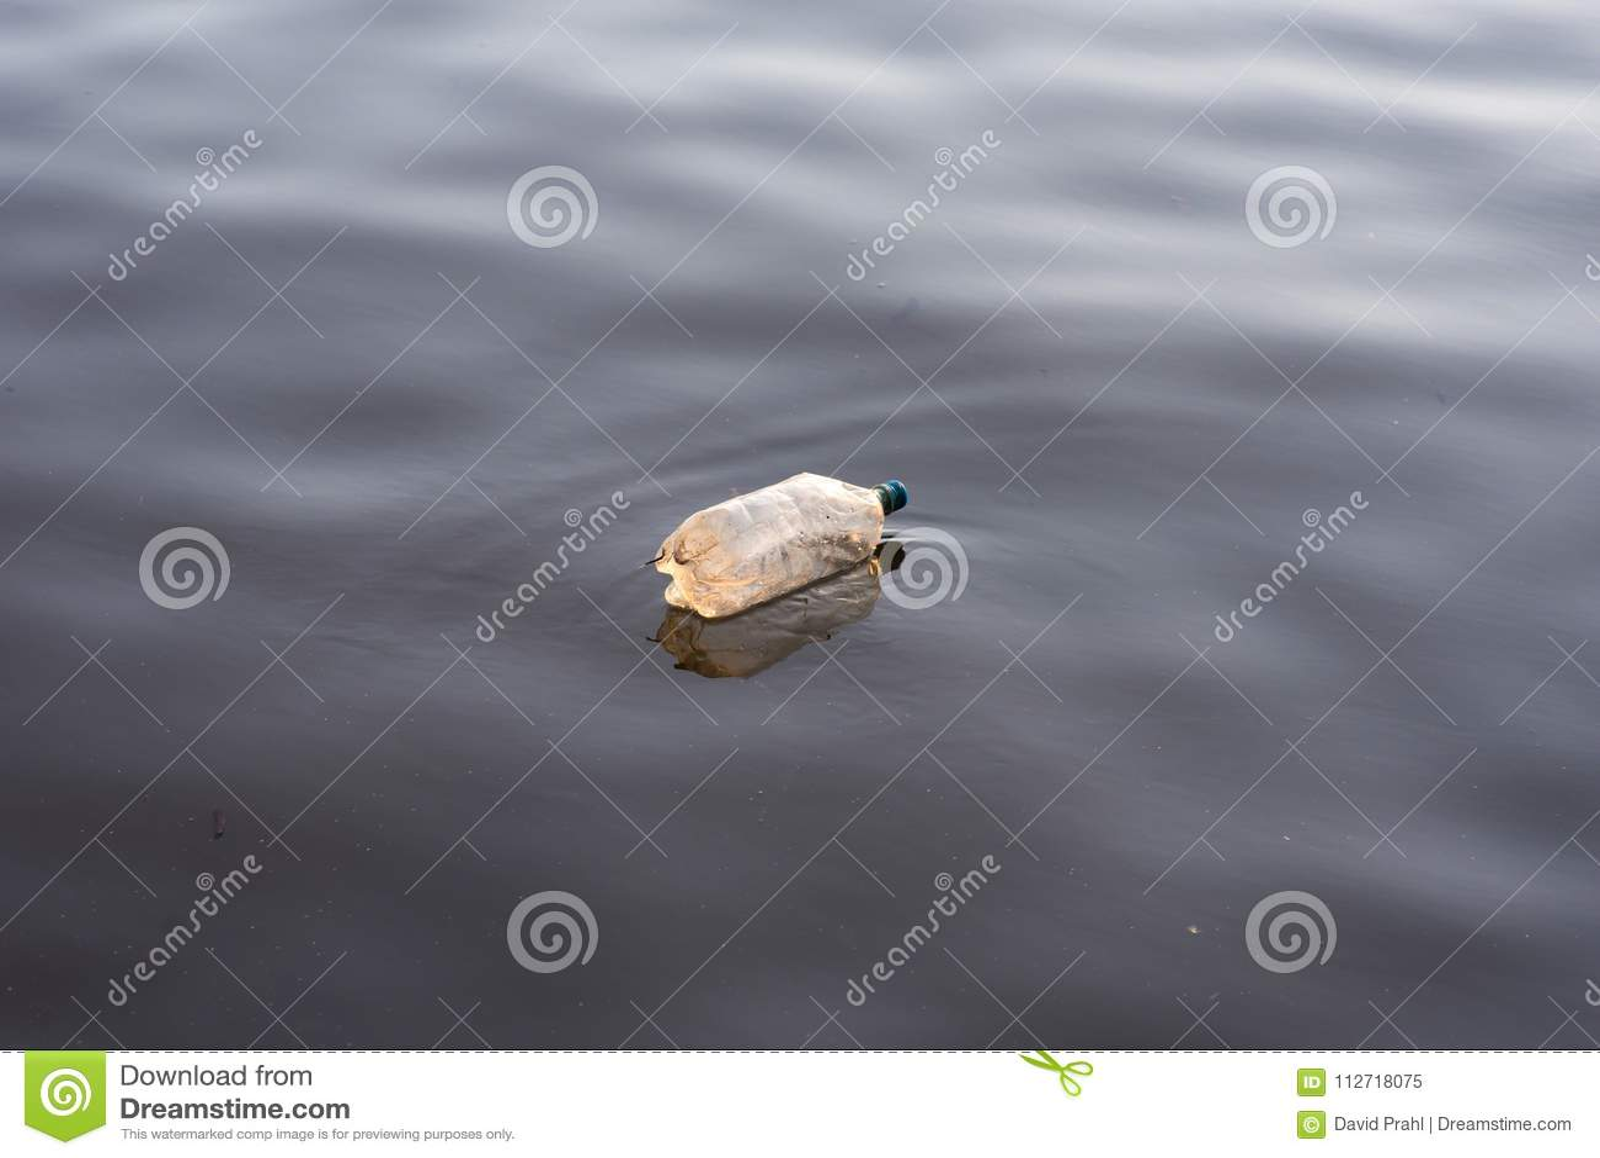 Single plastic water bottle litter floating in lake water